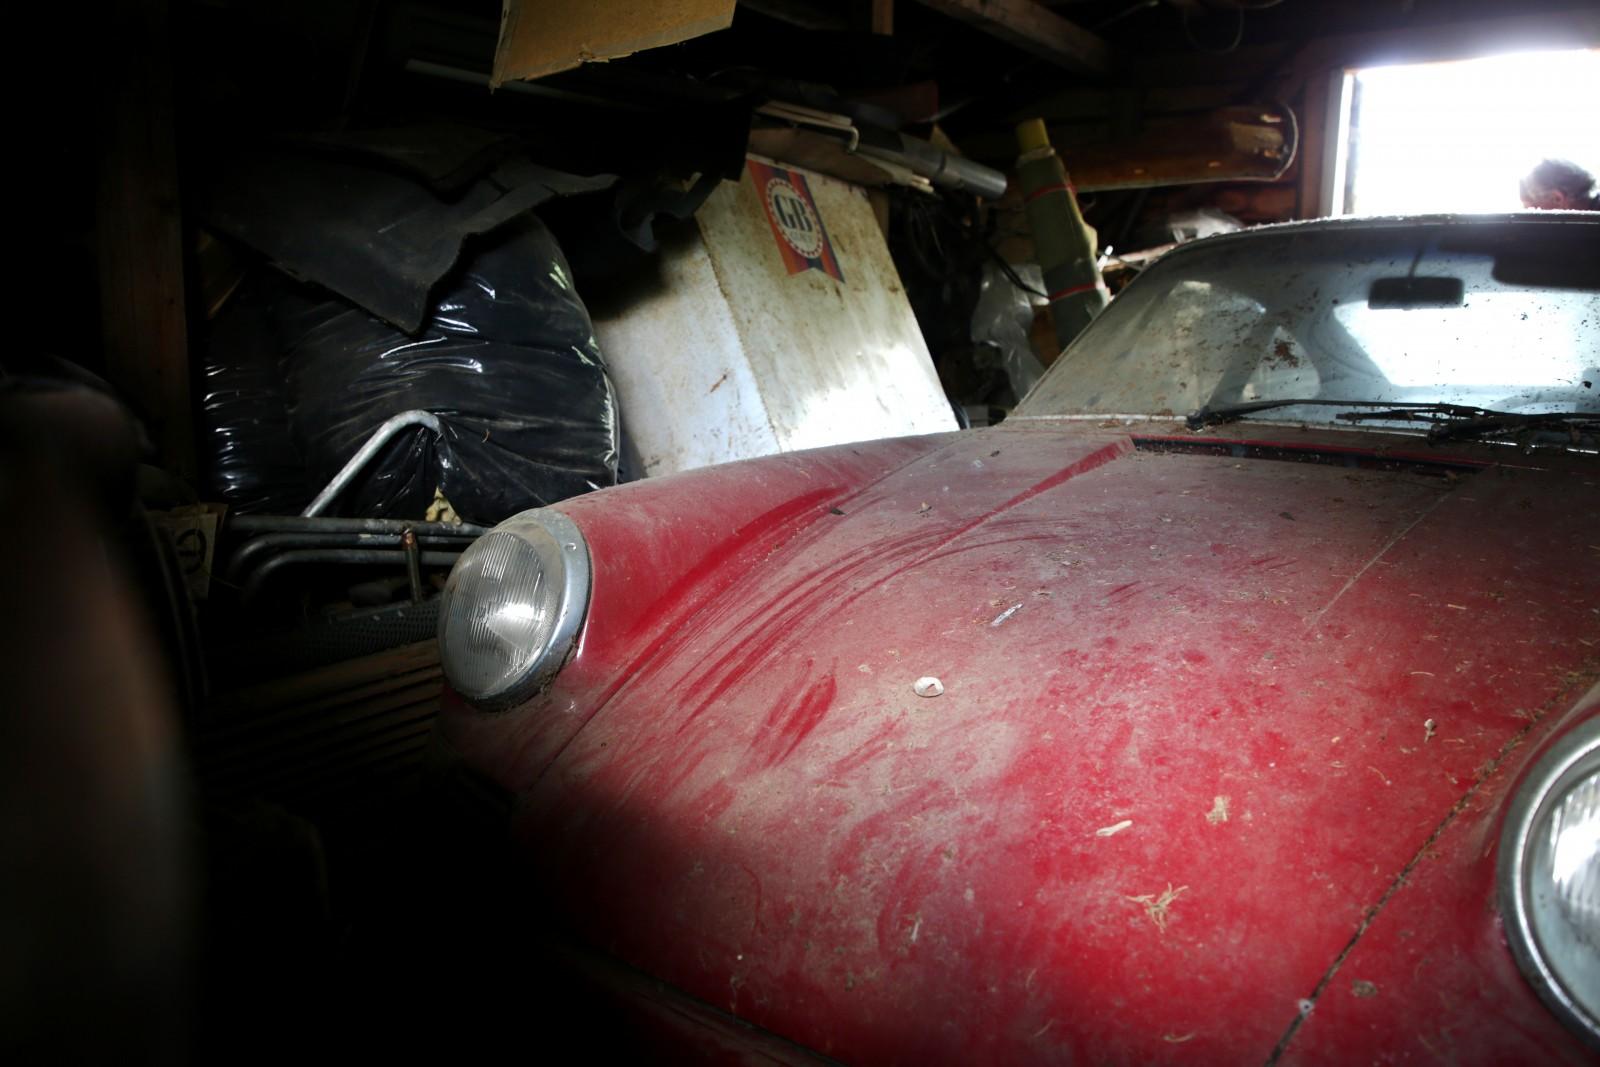 Det är trångt i garaget, en ordentligt inspektion får dröja tills vi fått ut bilen...